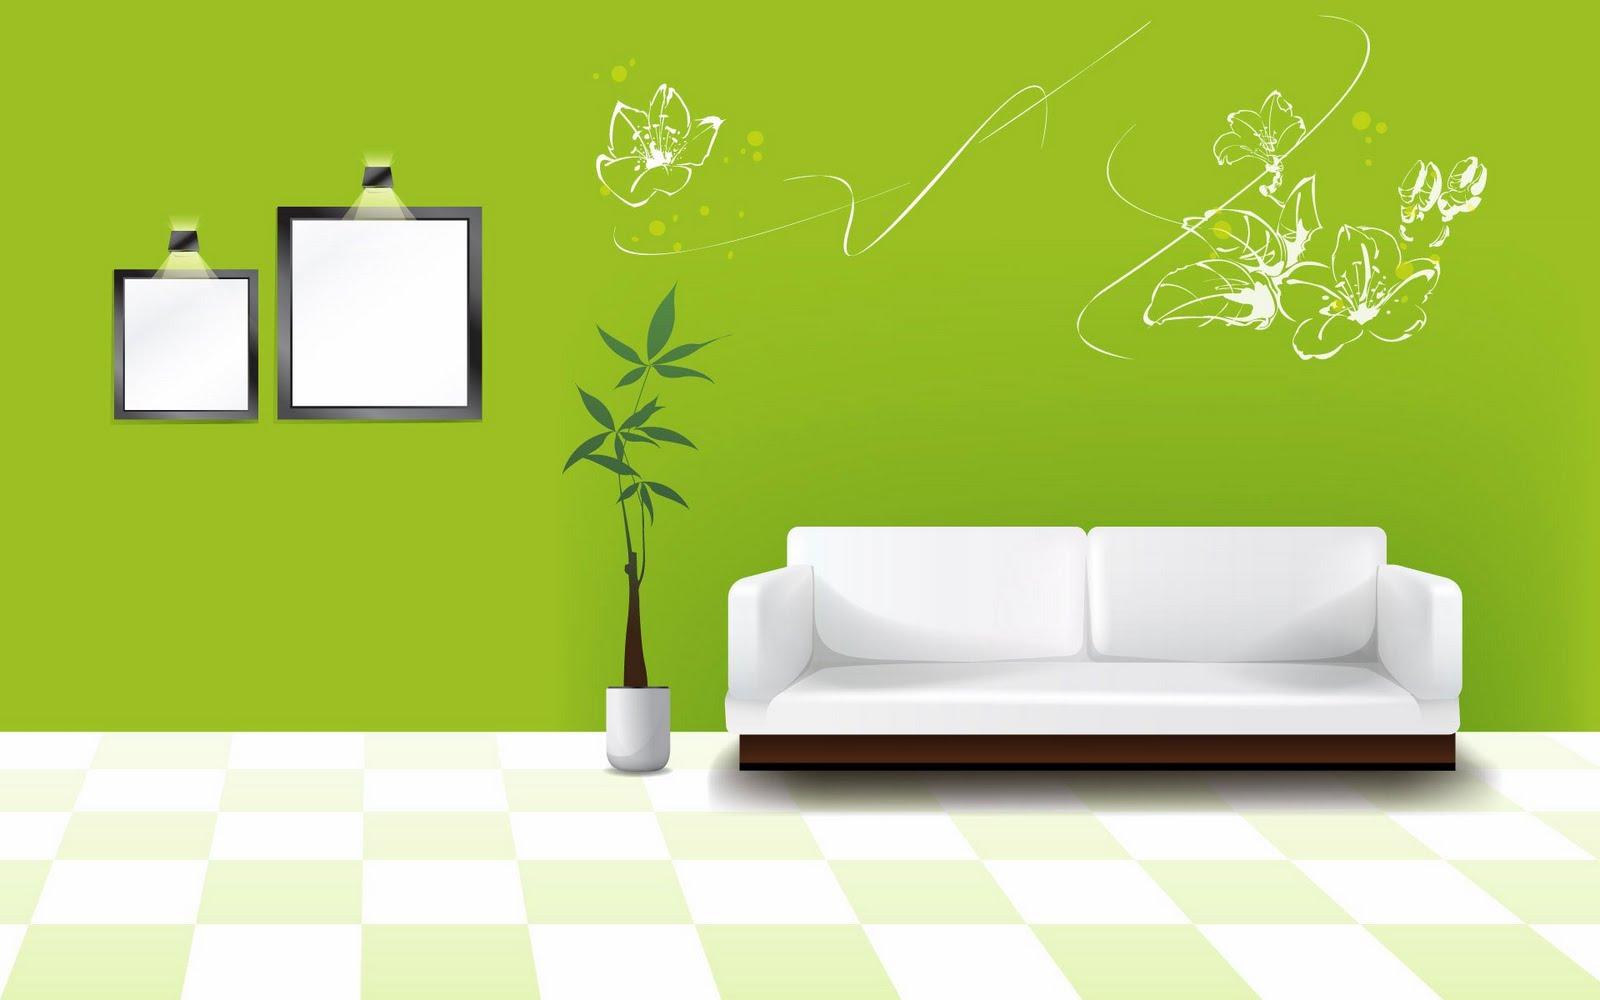 QQ Wallpapers Digital Art Interior Design HD Wallpaper Set 1 1600x1000